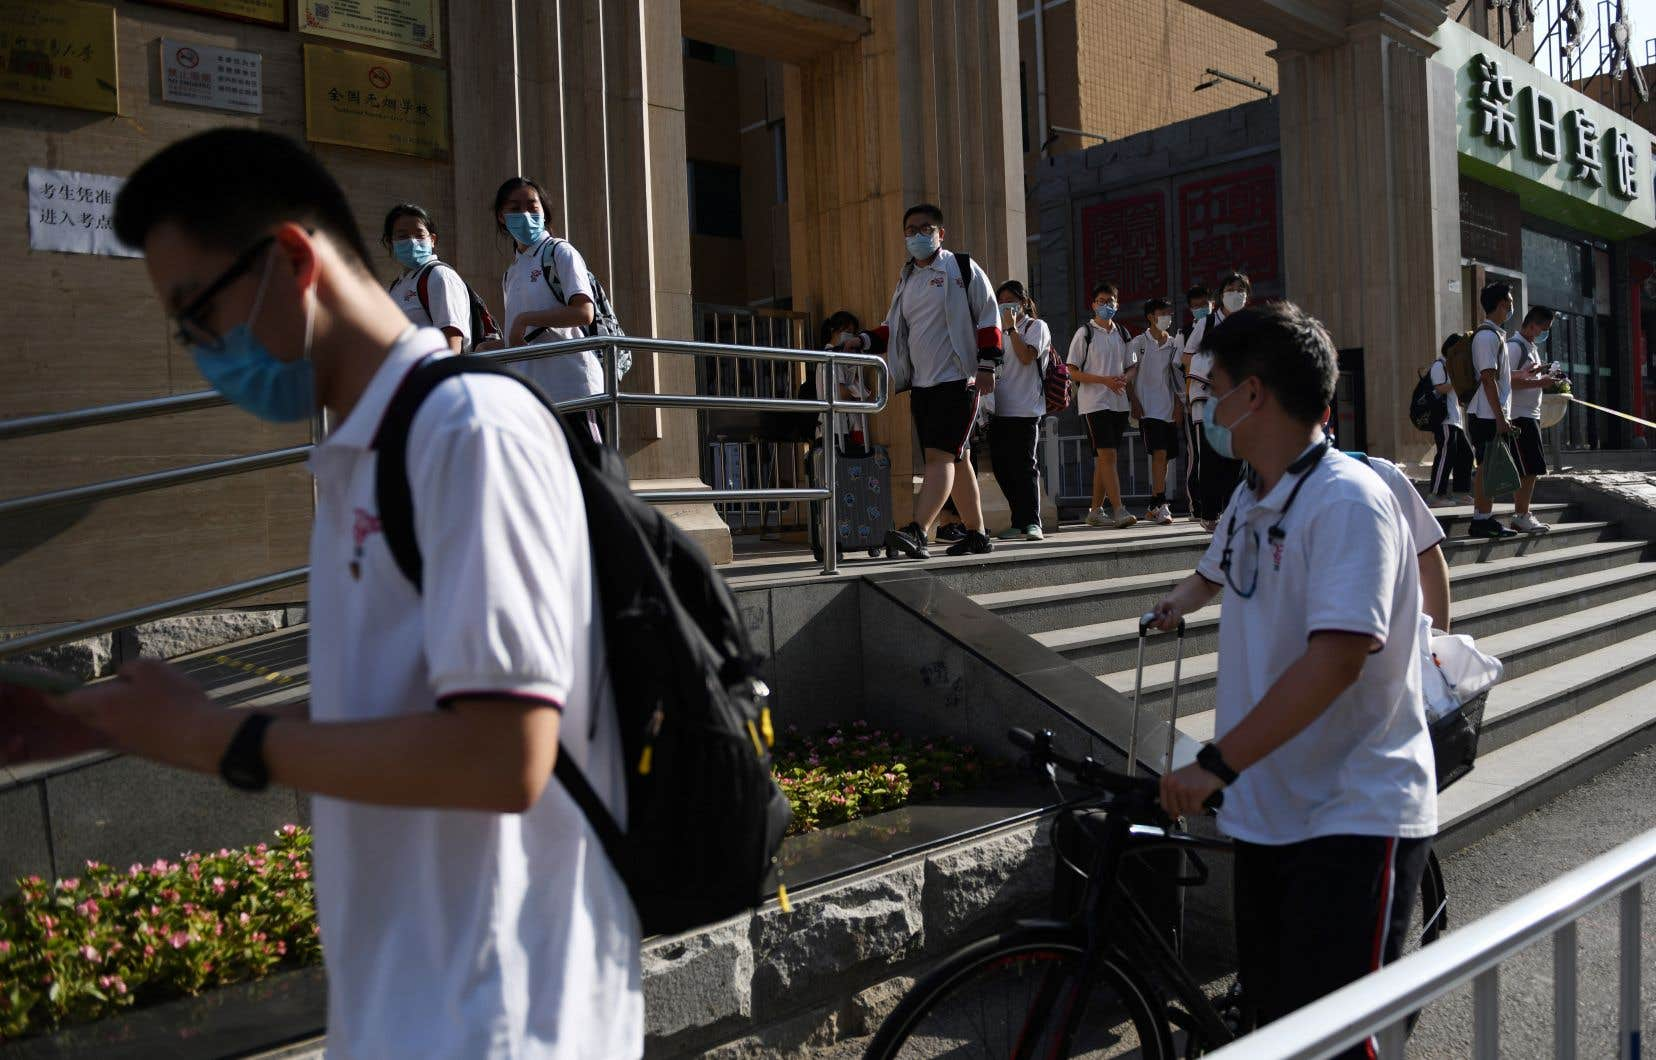 Pékin va fermer à nouveau toutes ses écoles et universités, après un rebond des cas de COVID-19 dans la capitale chinoise.